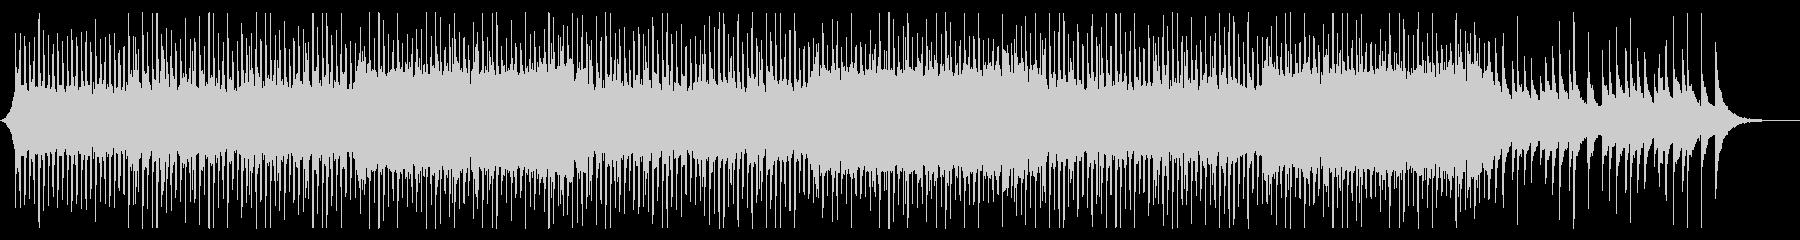 企業VPやCMに 希望の光 ピアノ・弦の未再生の波形